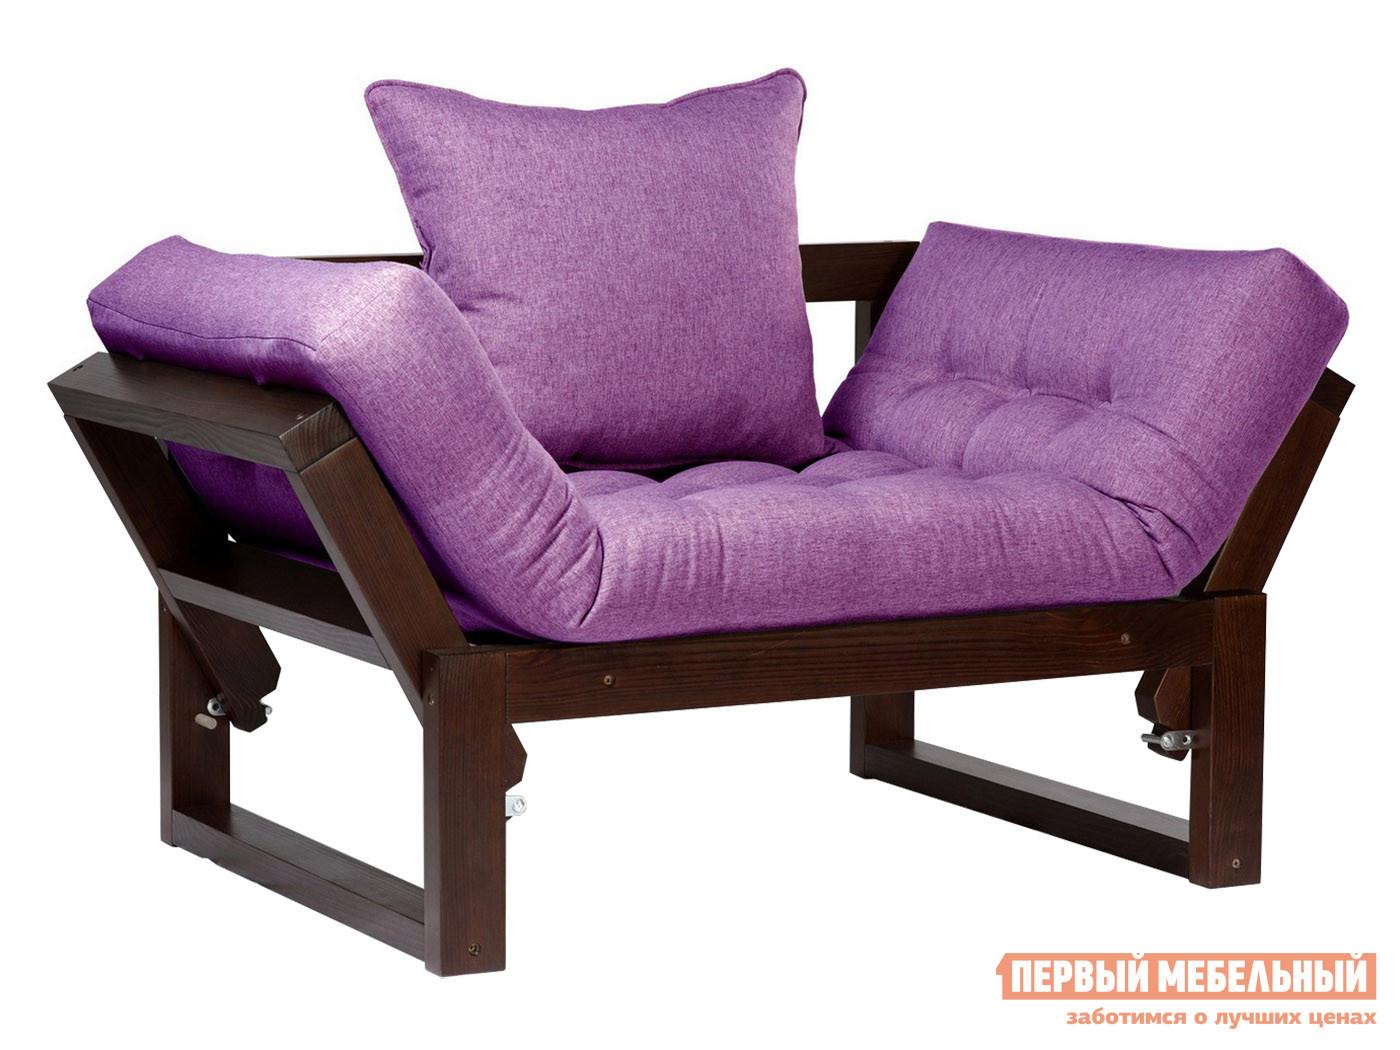 Кресло  Кресло Амбер (сосна) Орех, Фиолетовый, рогожка — Кресло Амбер (сосна) Орех, Фиолетовый, рогожка